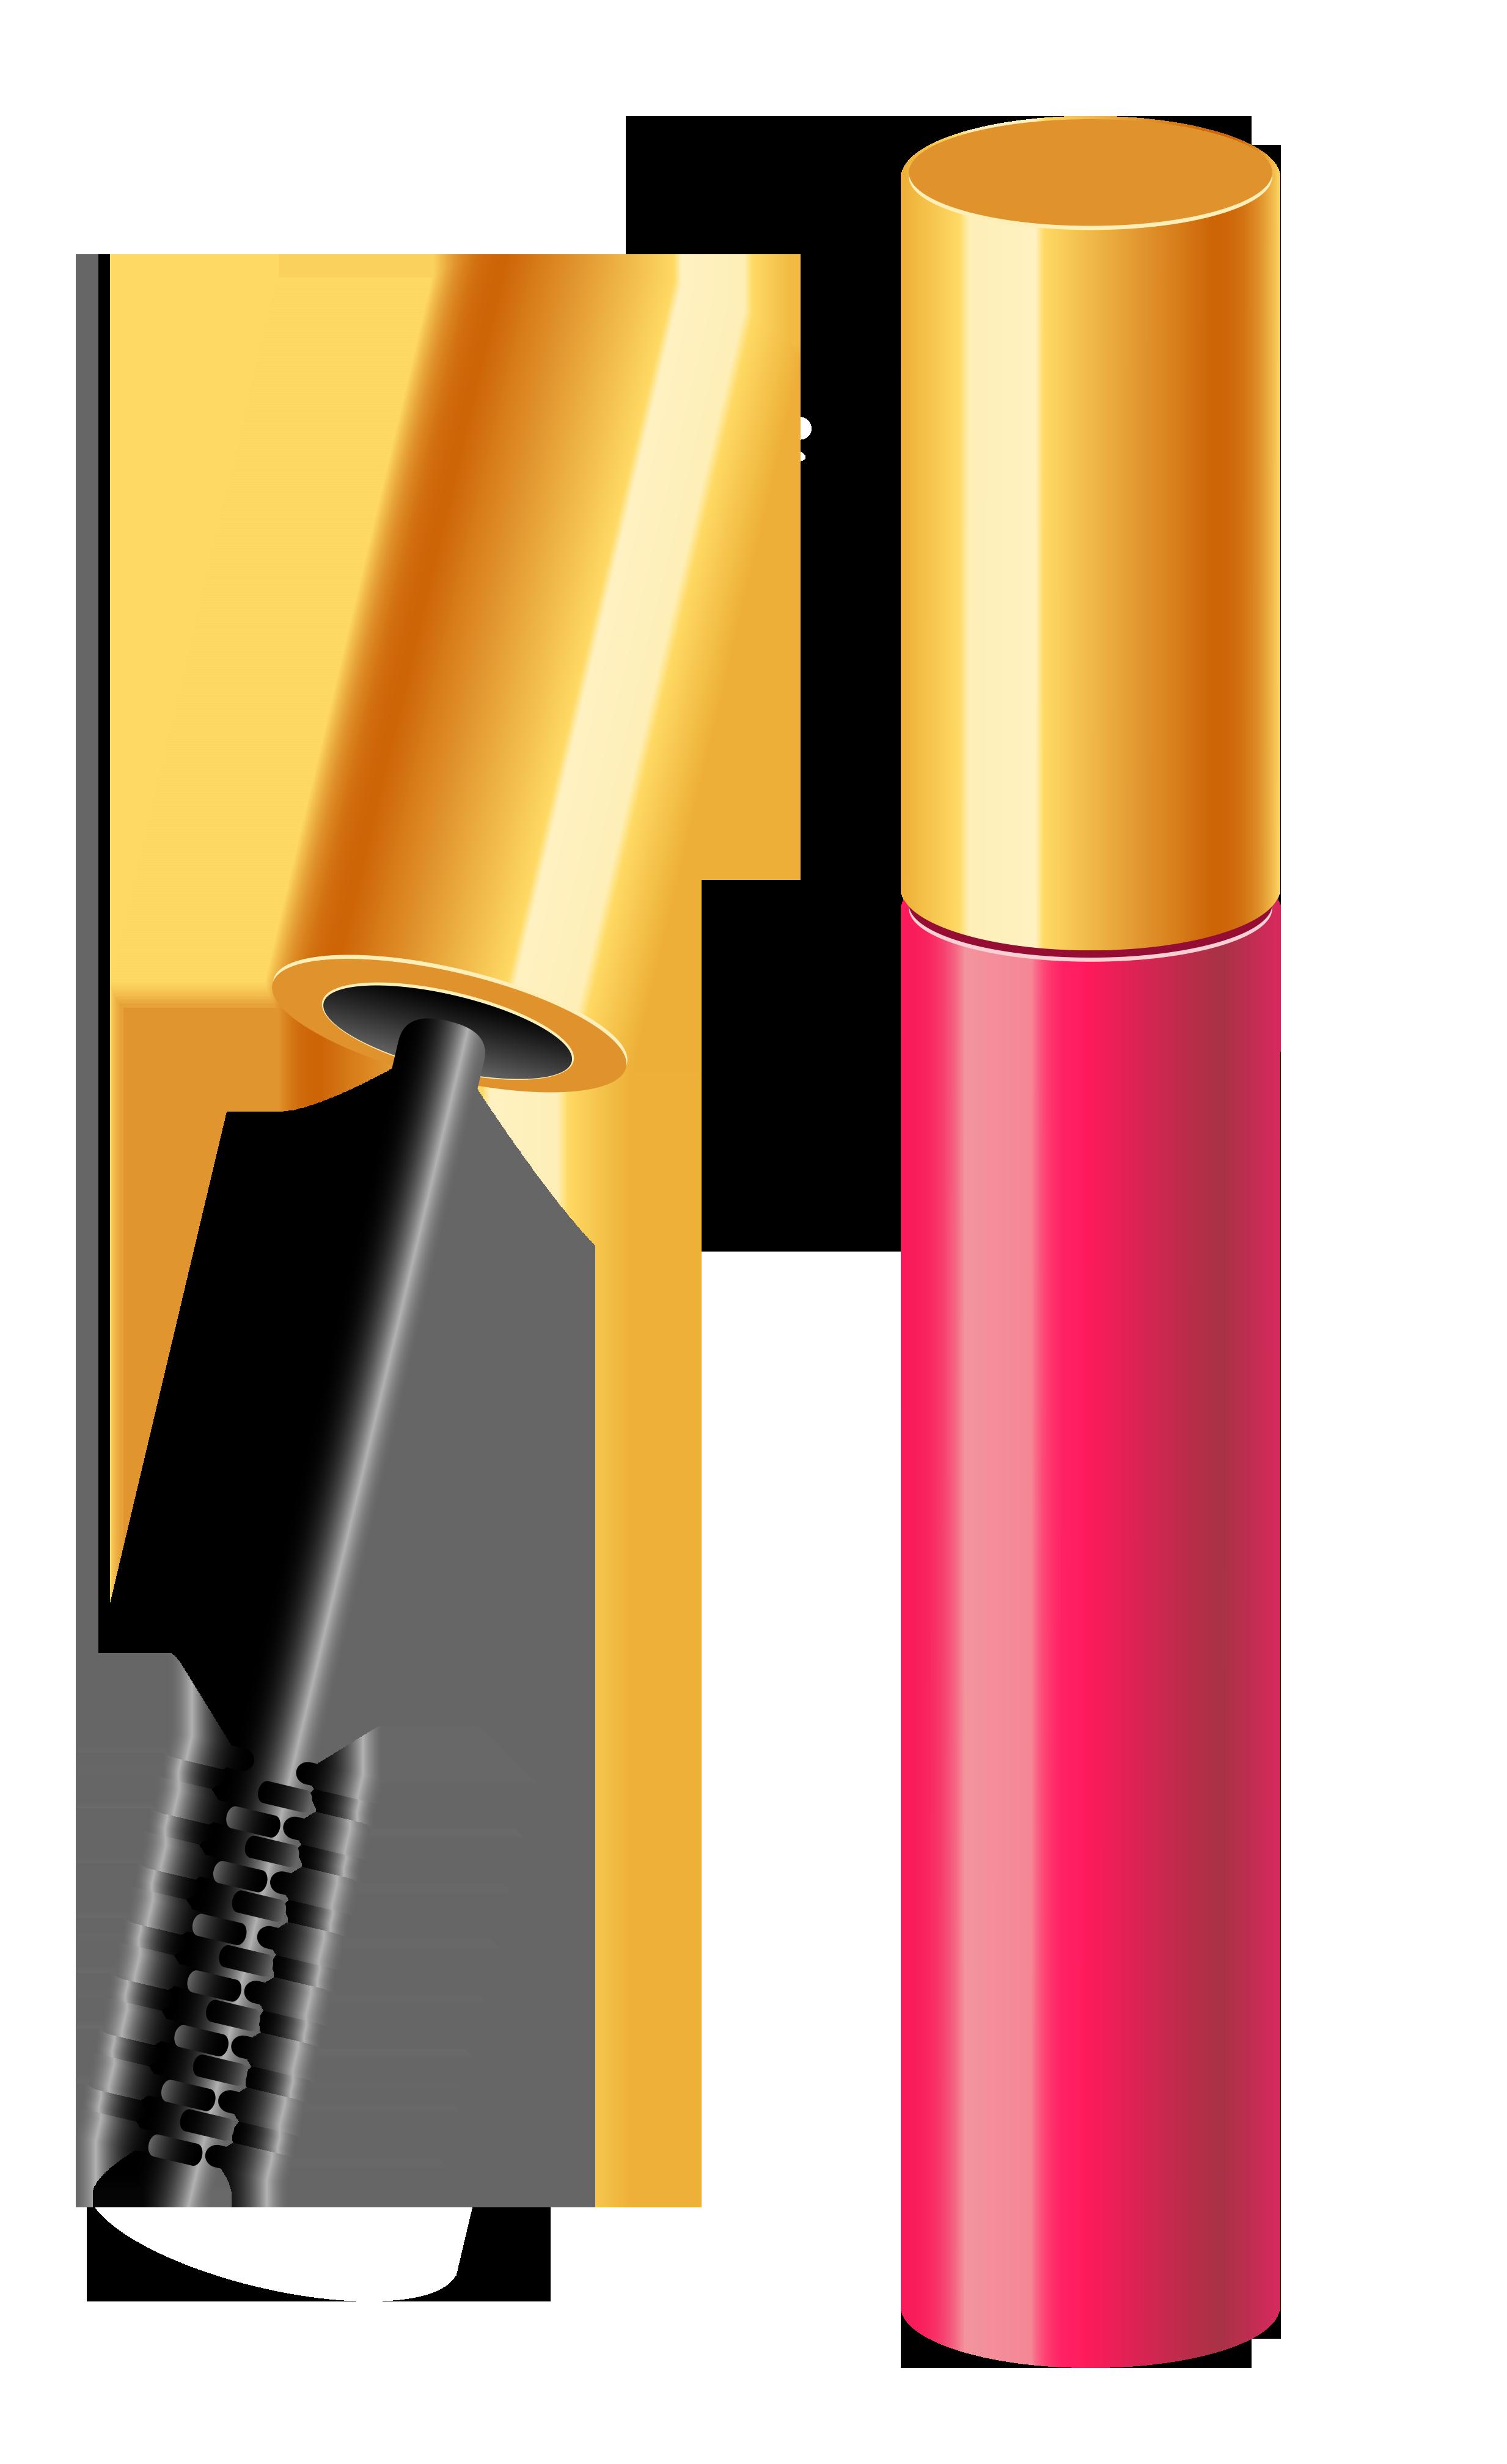 Lipstick clipart mascara. Cosmetics clip art png